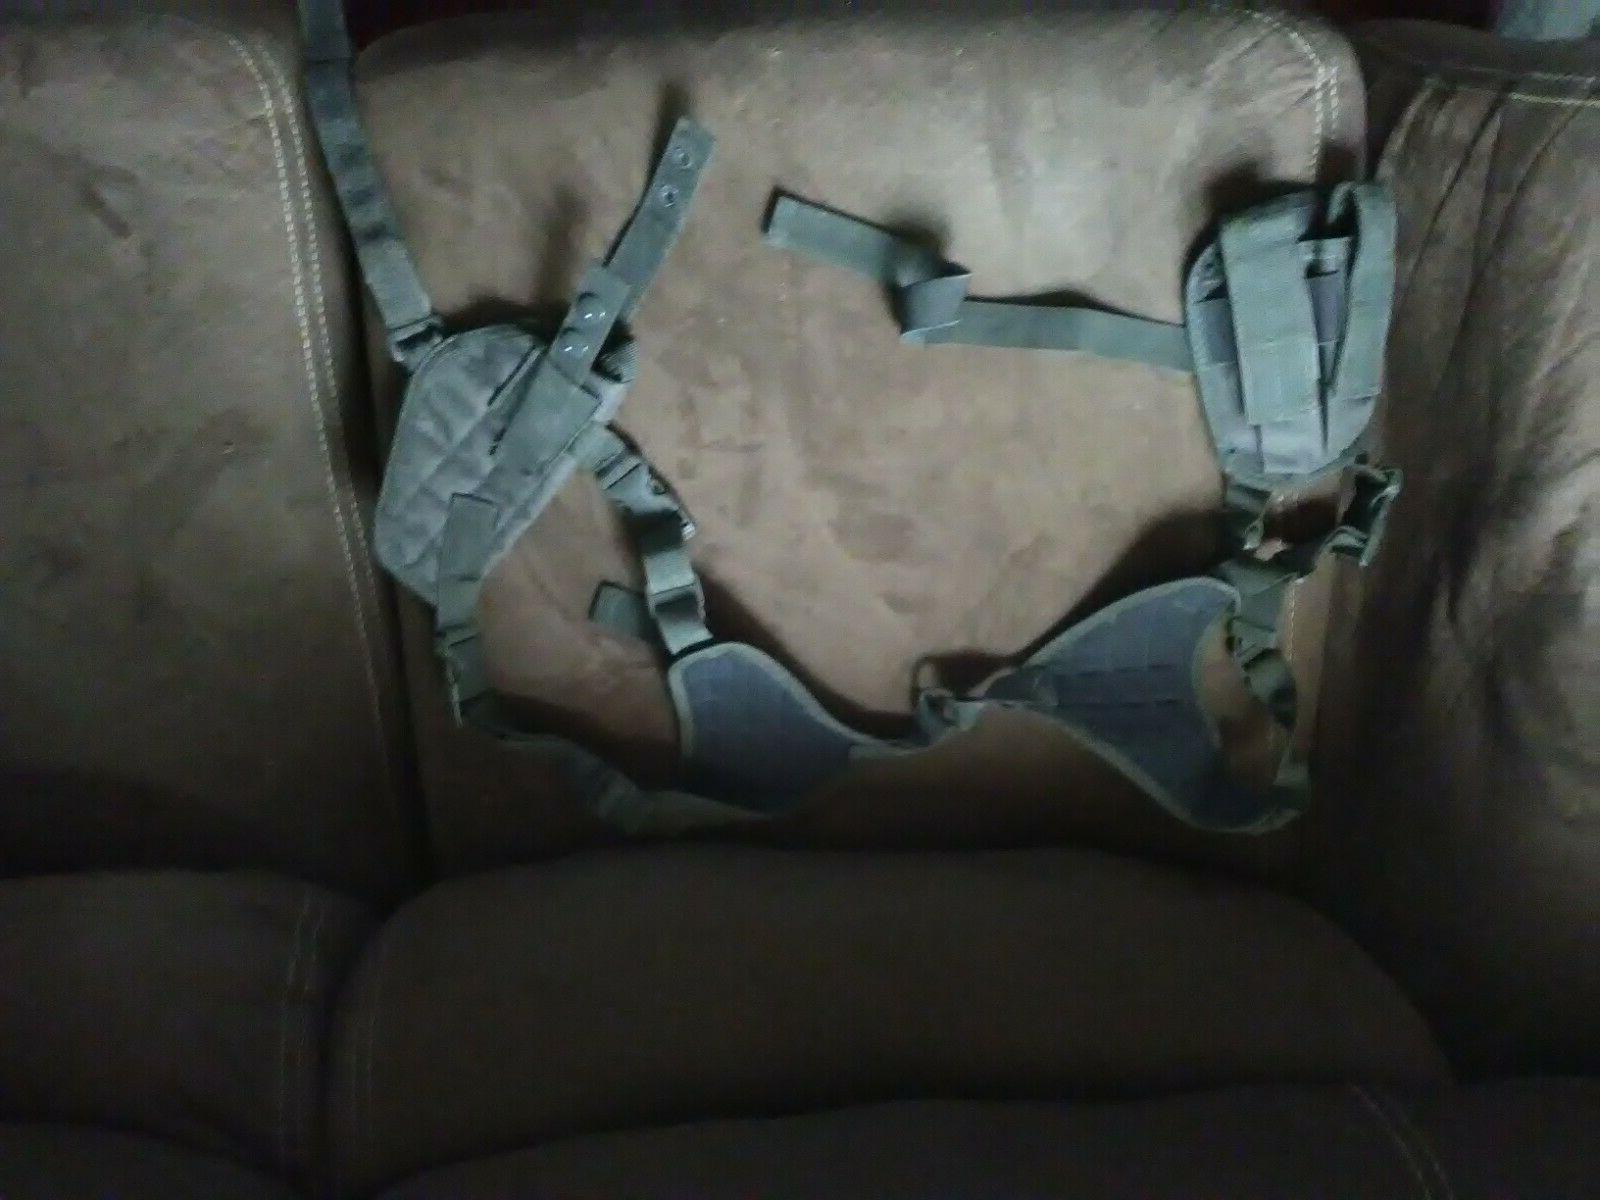 black ambidextrous pistol shoulder holster w double